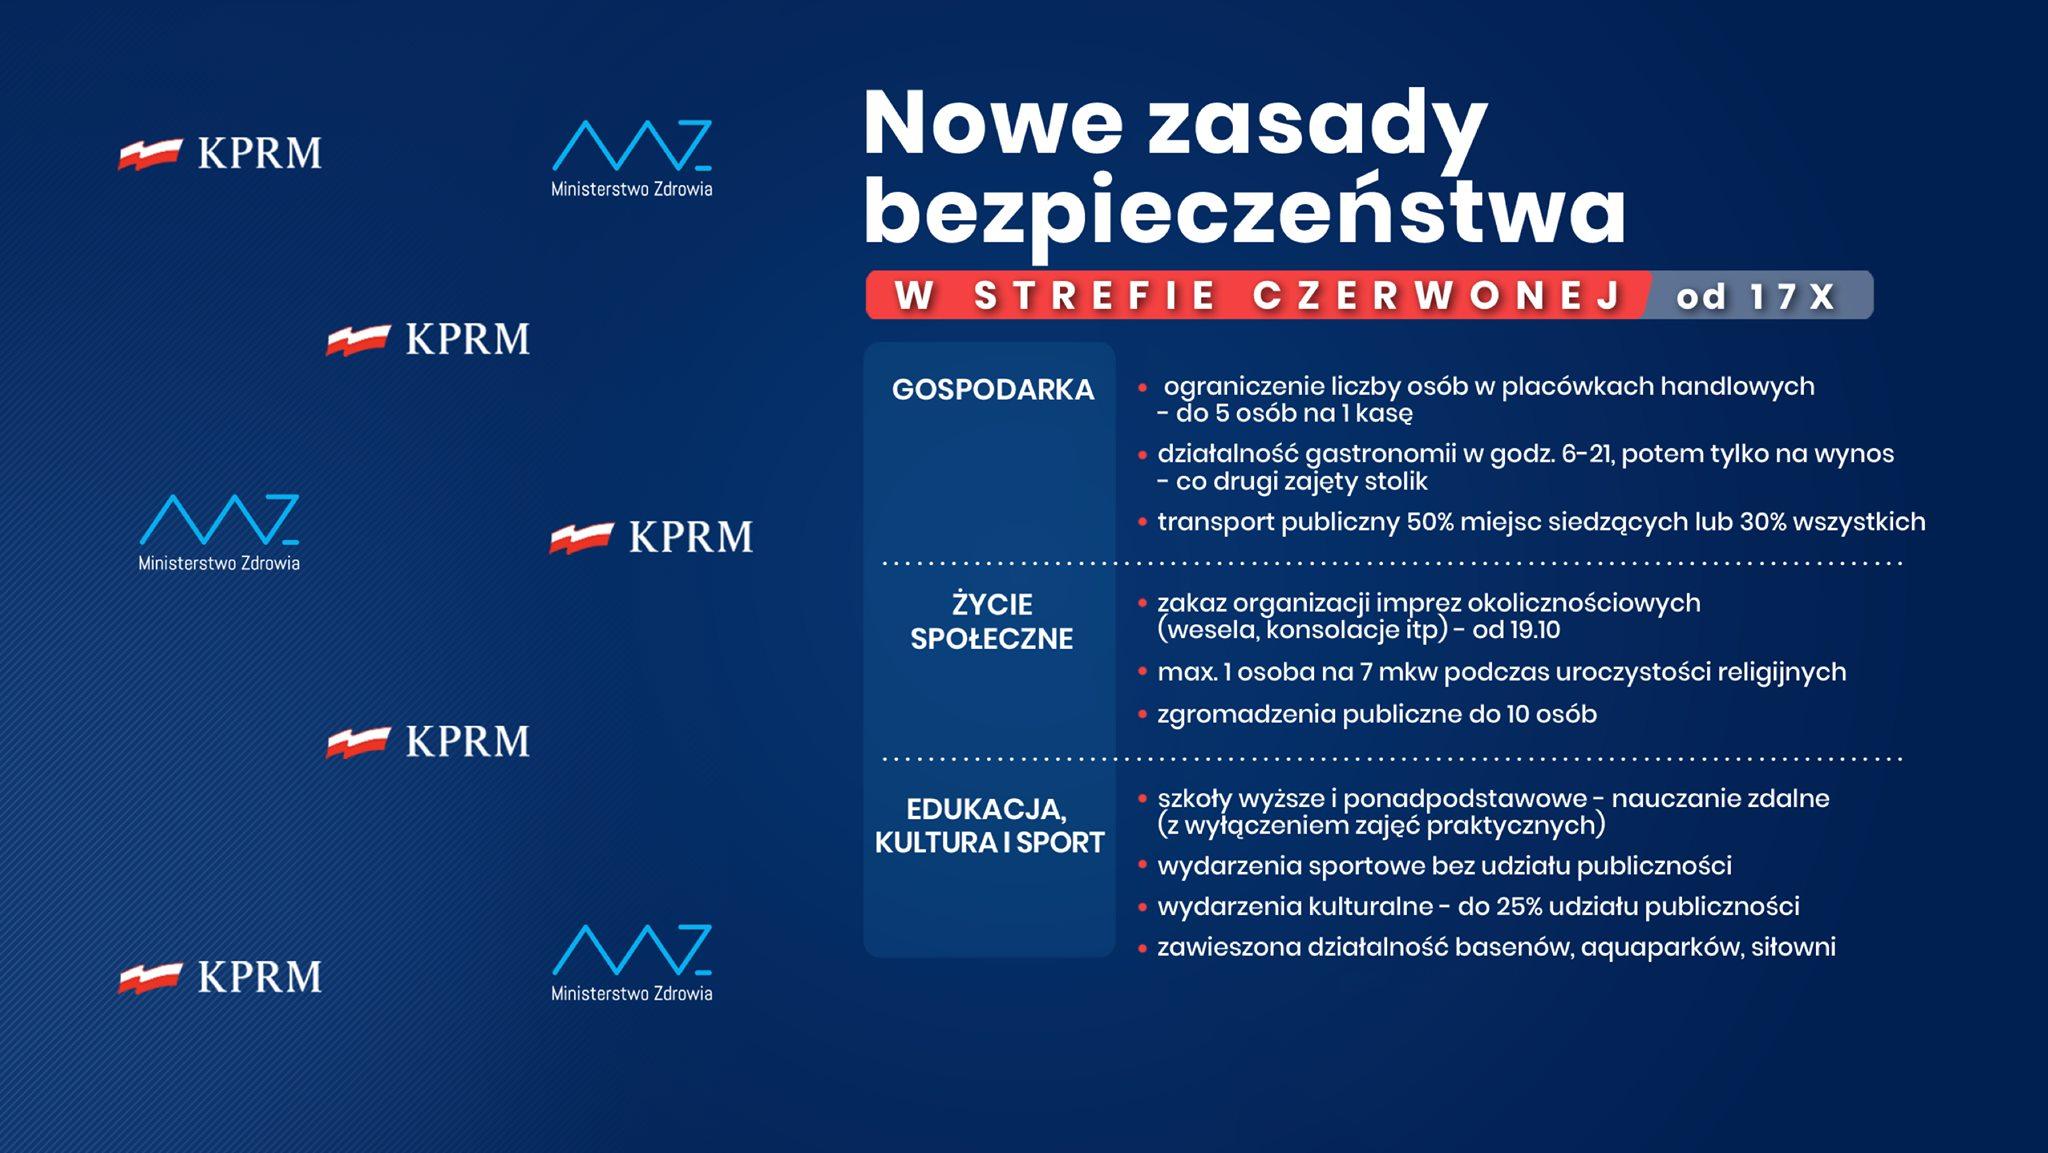 Nowe zasady bezpieczeństwa w całym kraju/New national safety rules PL/ENG